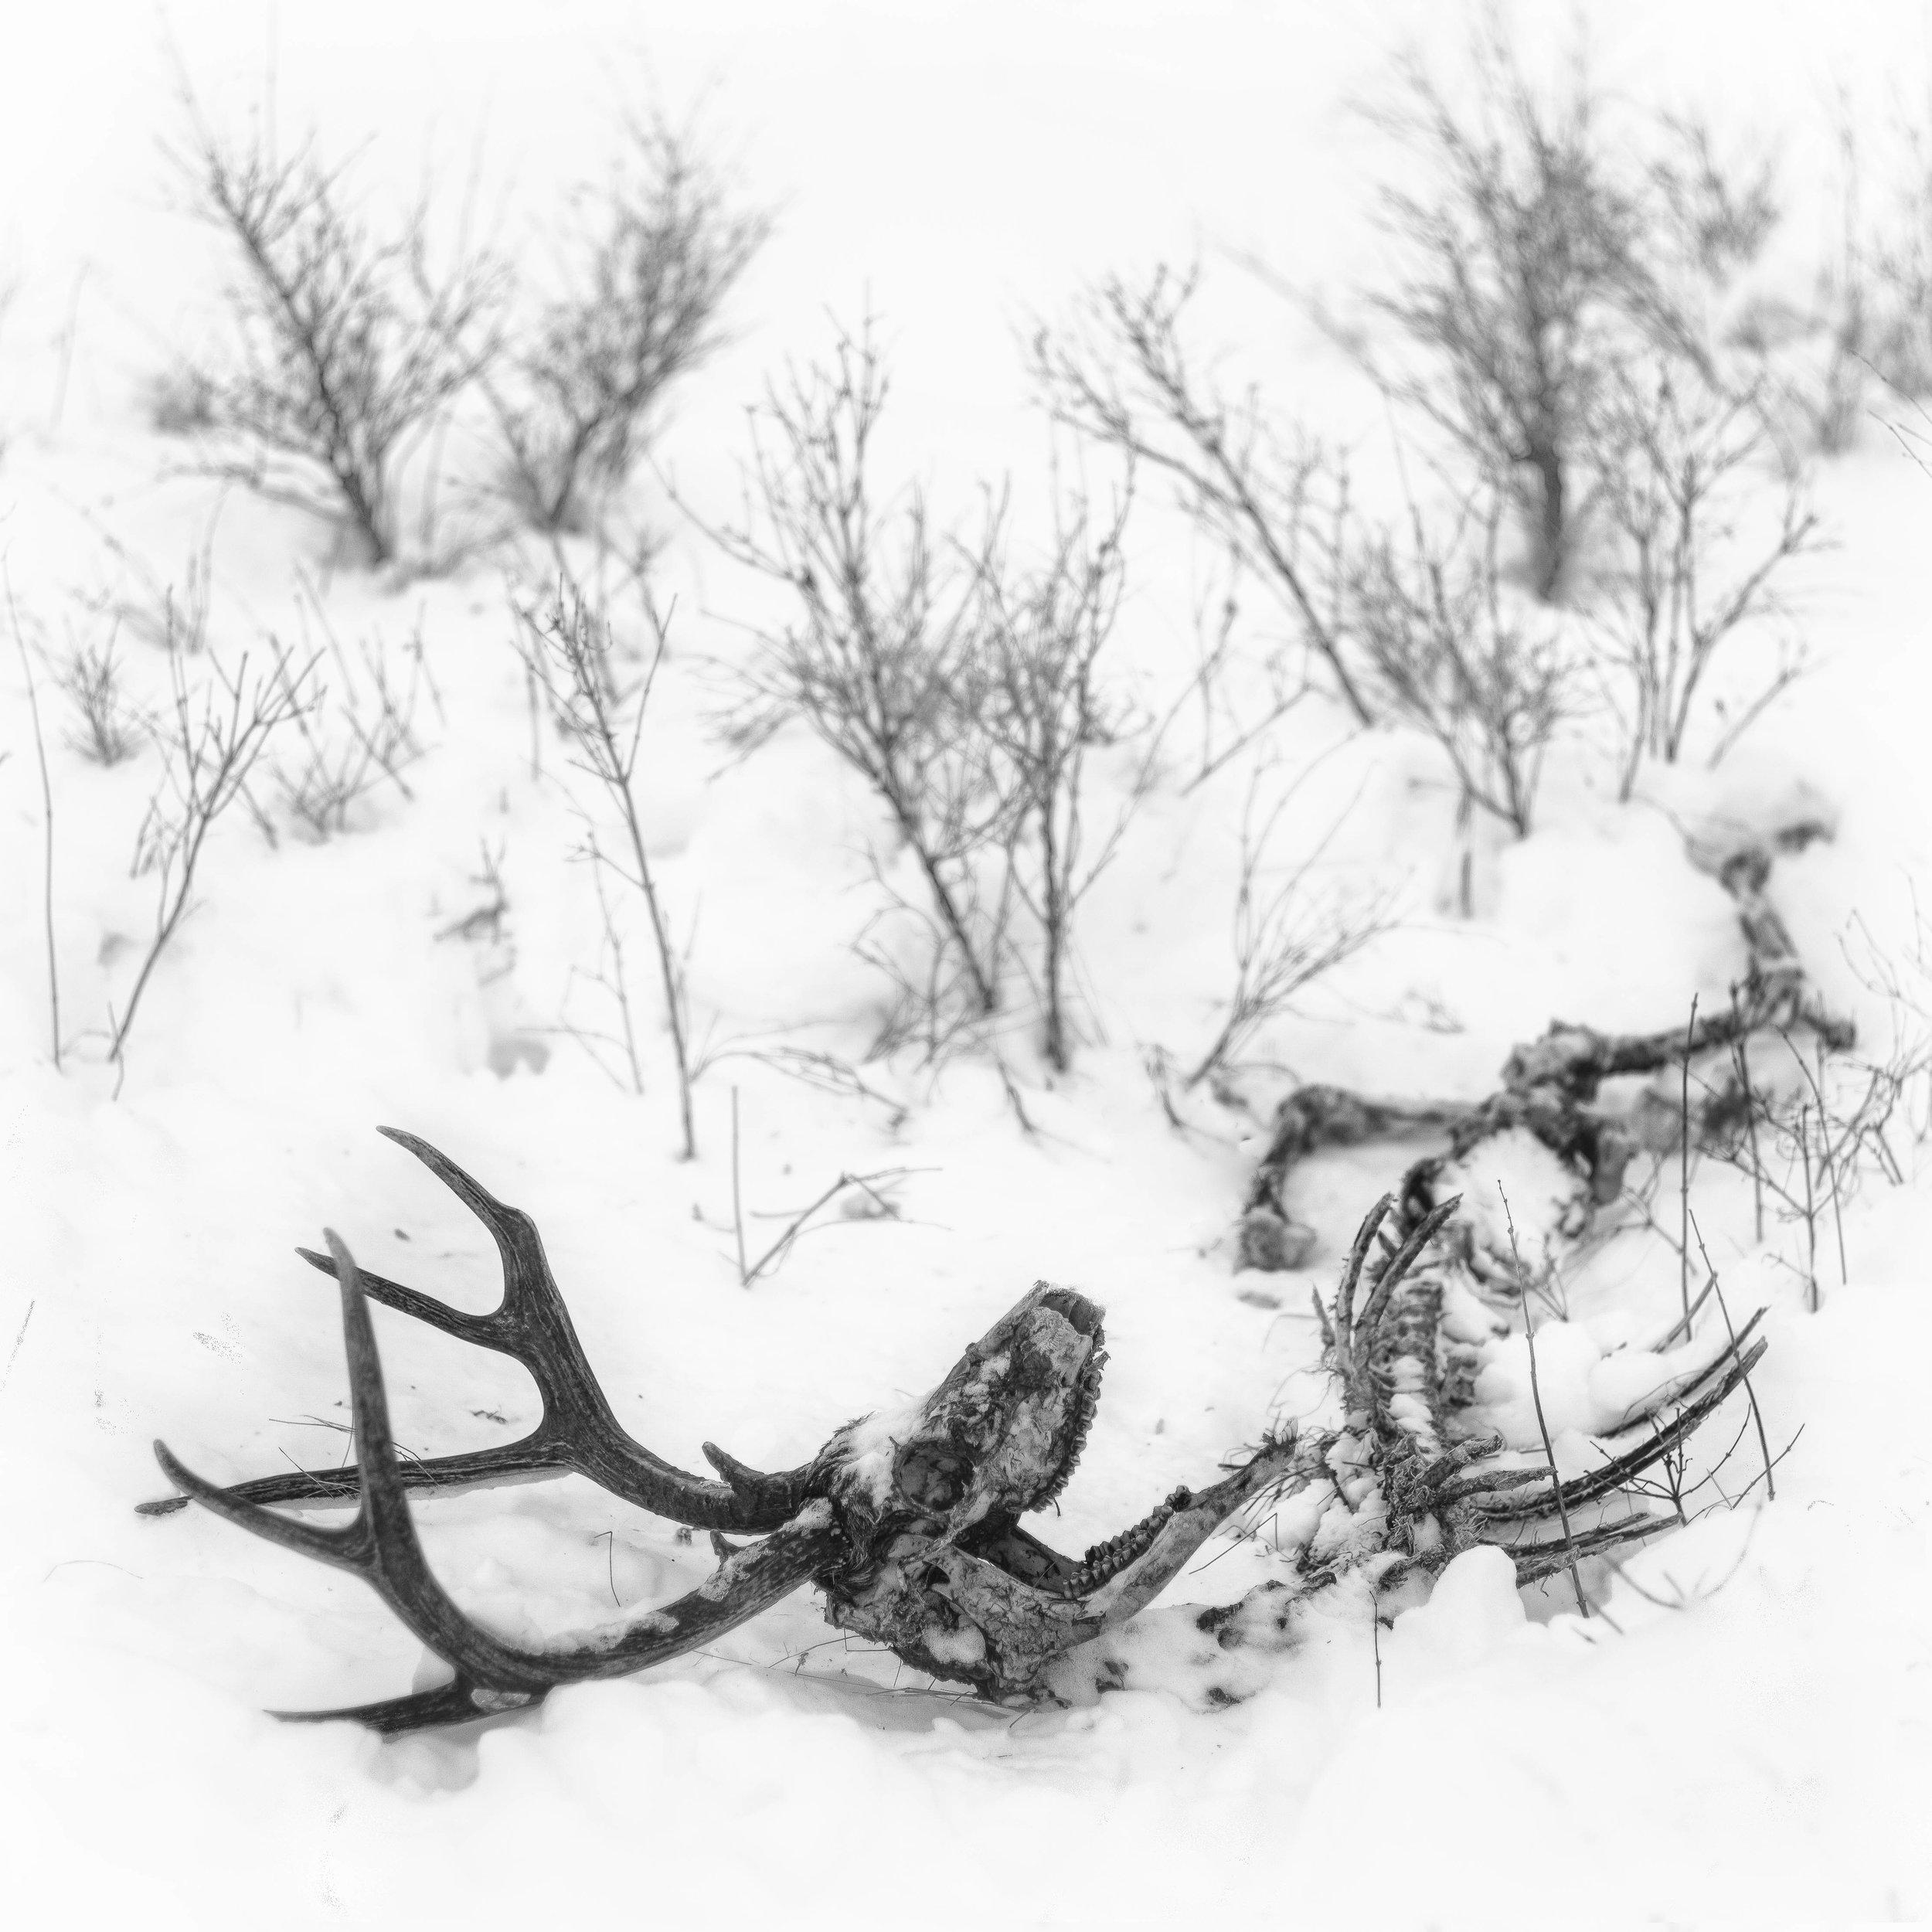 Winter-killed Mule Deer Buck